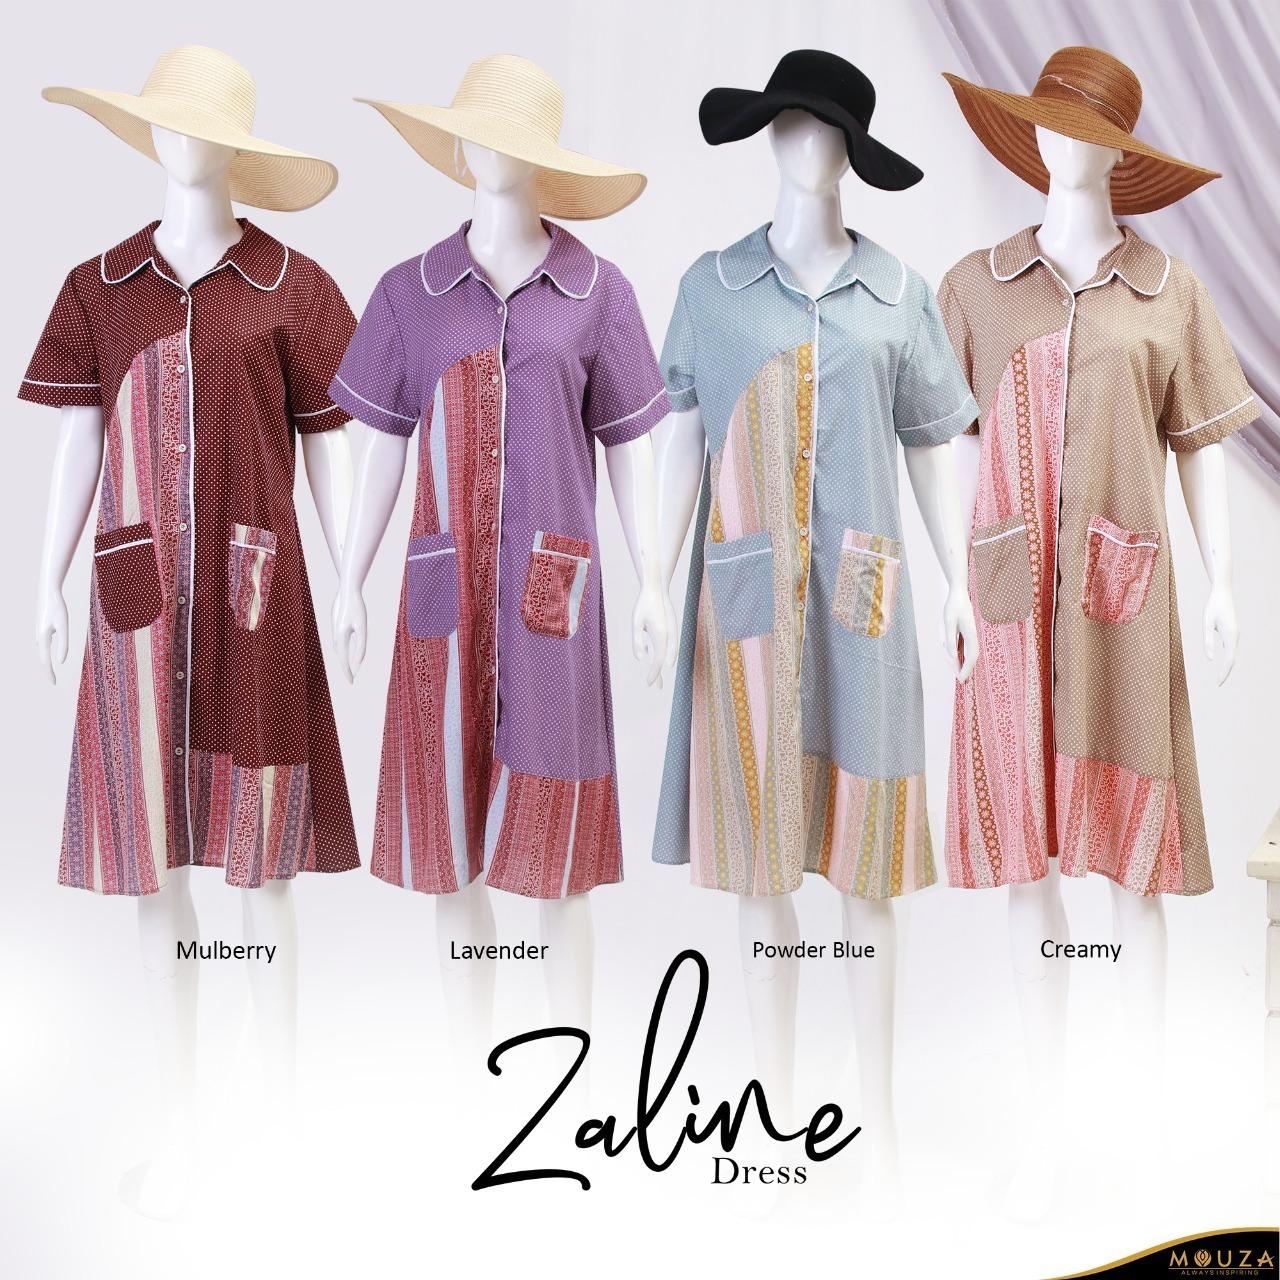 Zaline Dress